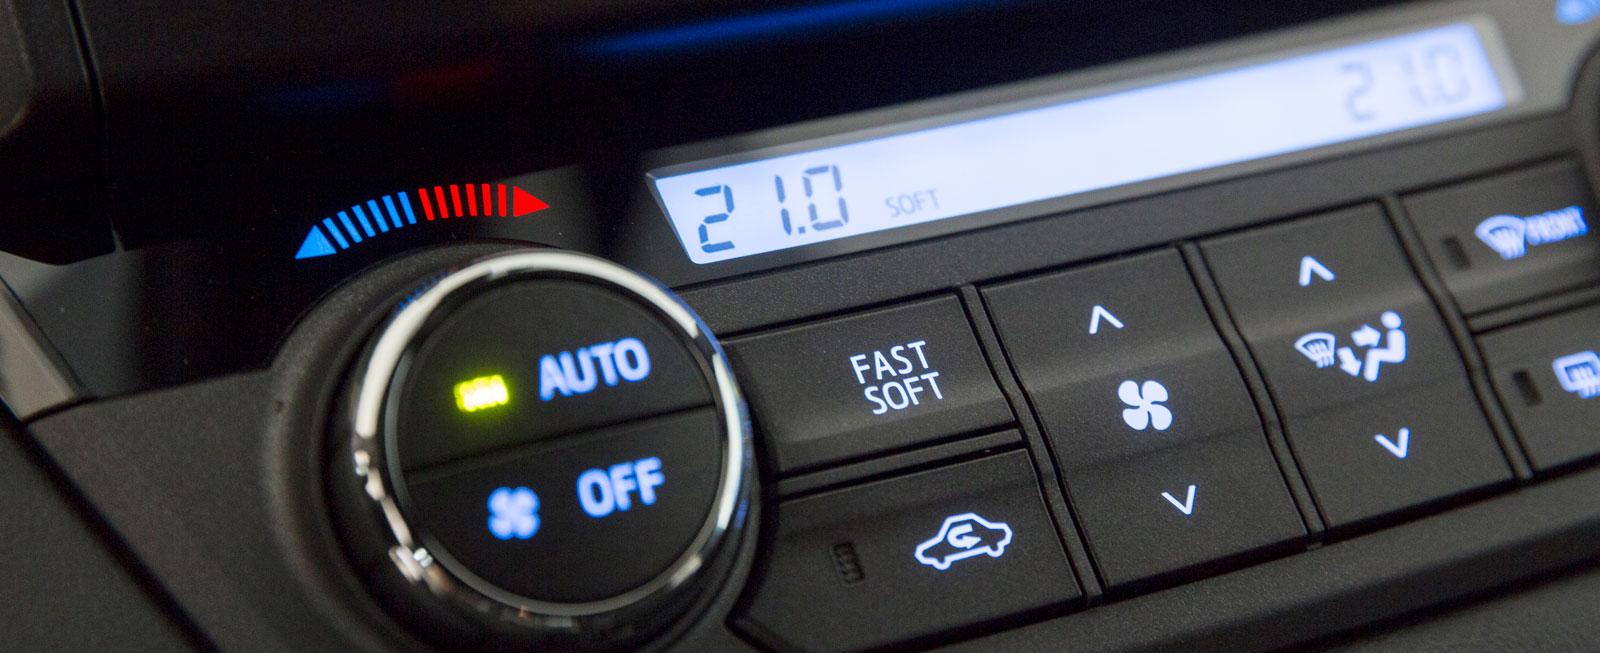 Manöverpanelen för klimatanläggningen skjuter ut ur panelen och styrkan på den automatiska luftströmningen kan ställas in i olika lägen.